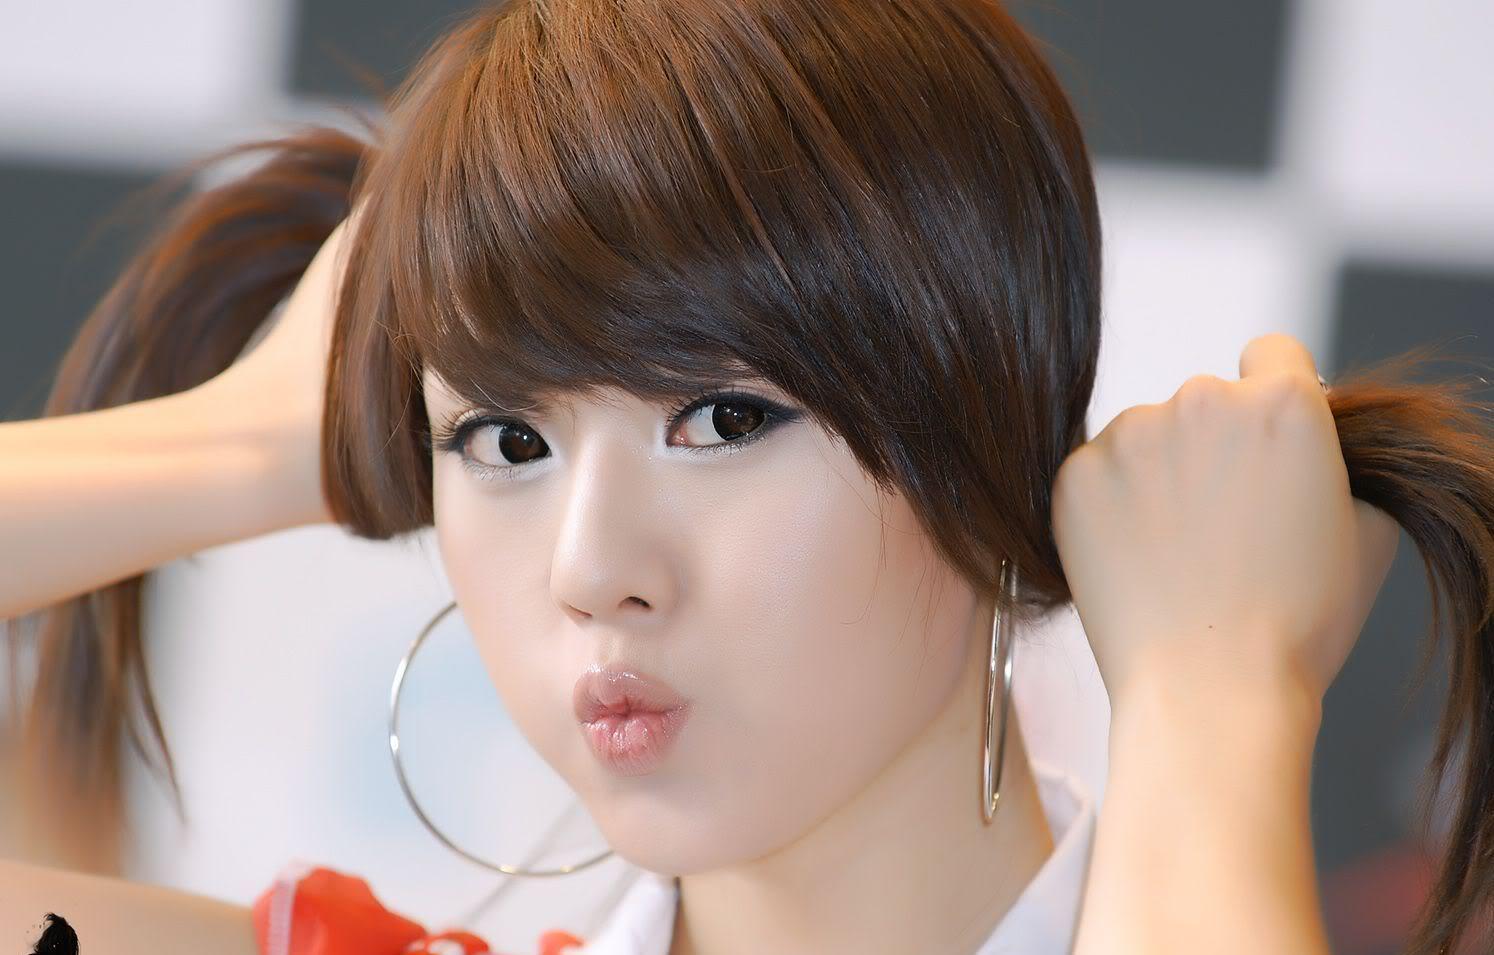 بالصور بنات كوريات كشخه , كوريا تتالق باجمل فتياتها 4820 2